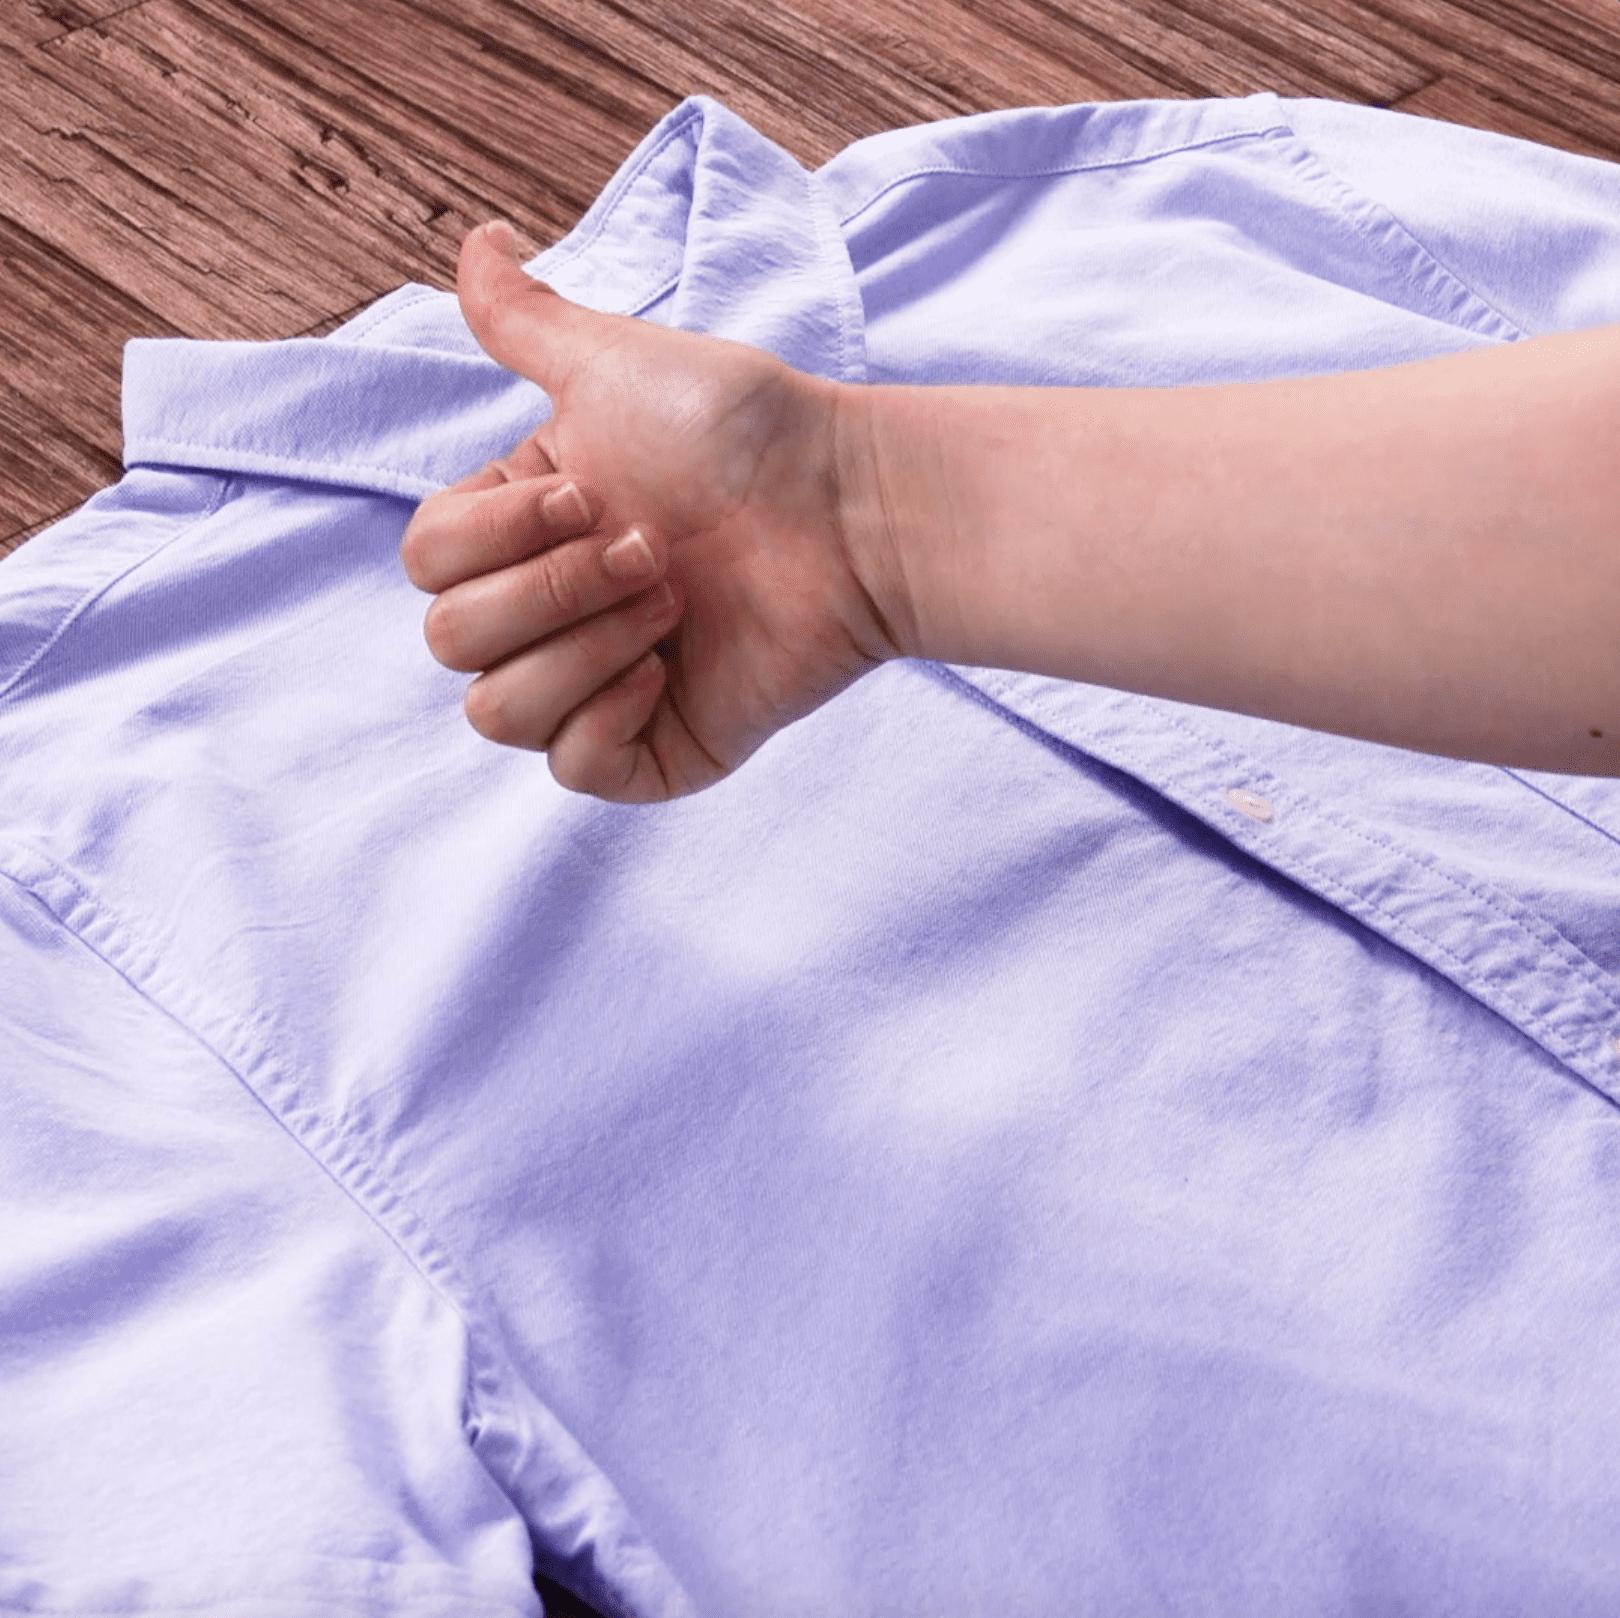 【服のシミ抜きテク】意外なアレがお役立ち?汚れ別、簡単お手入れ